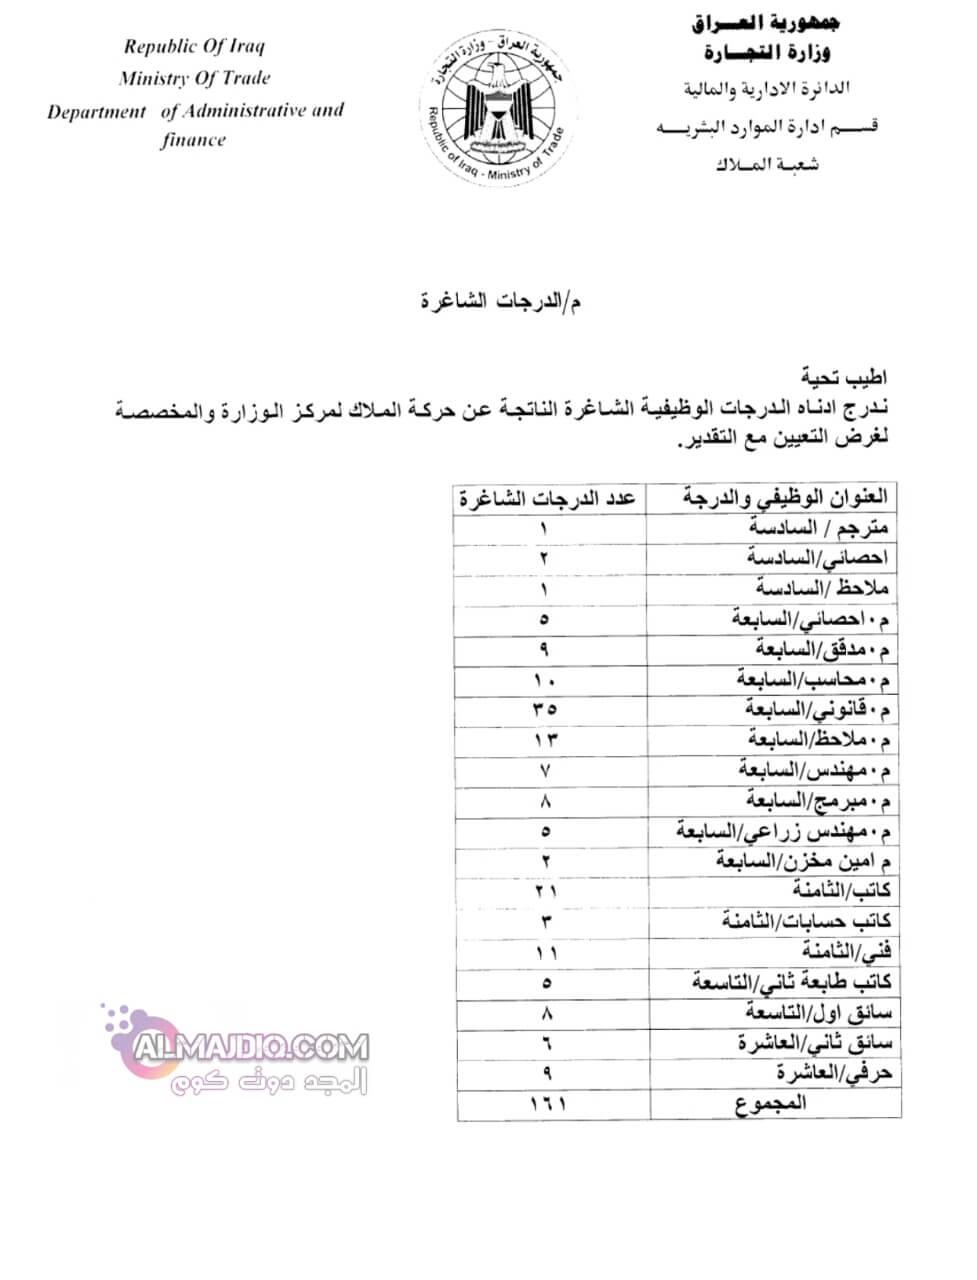 وظاىف وزارة التجارة العراقية